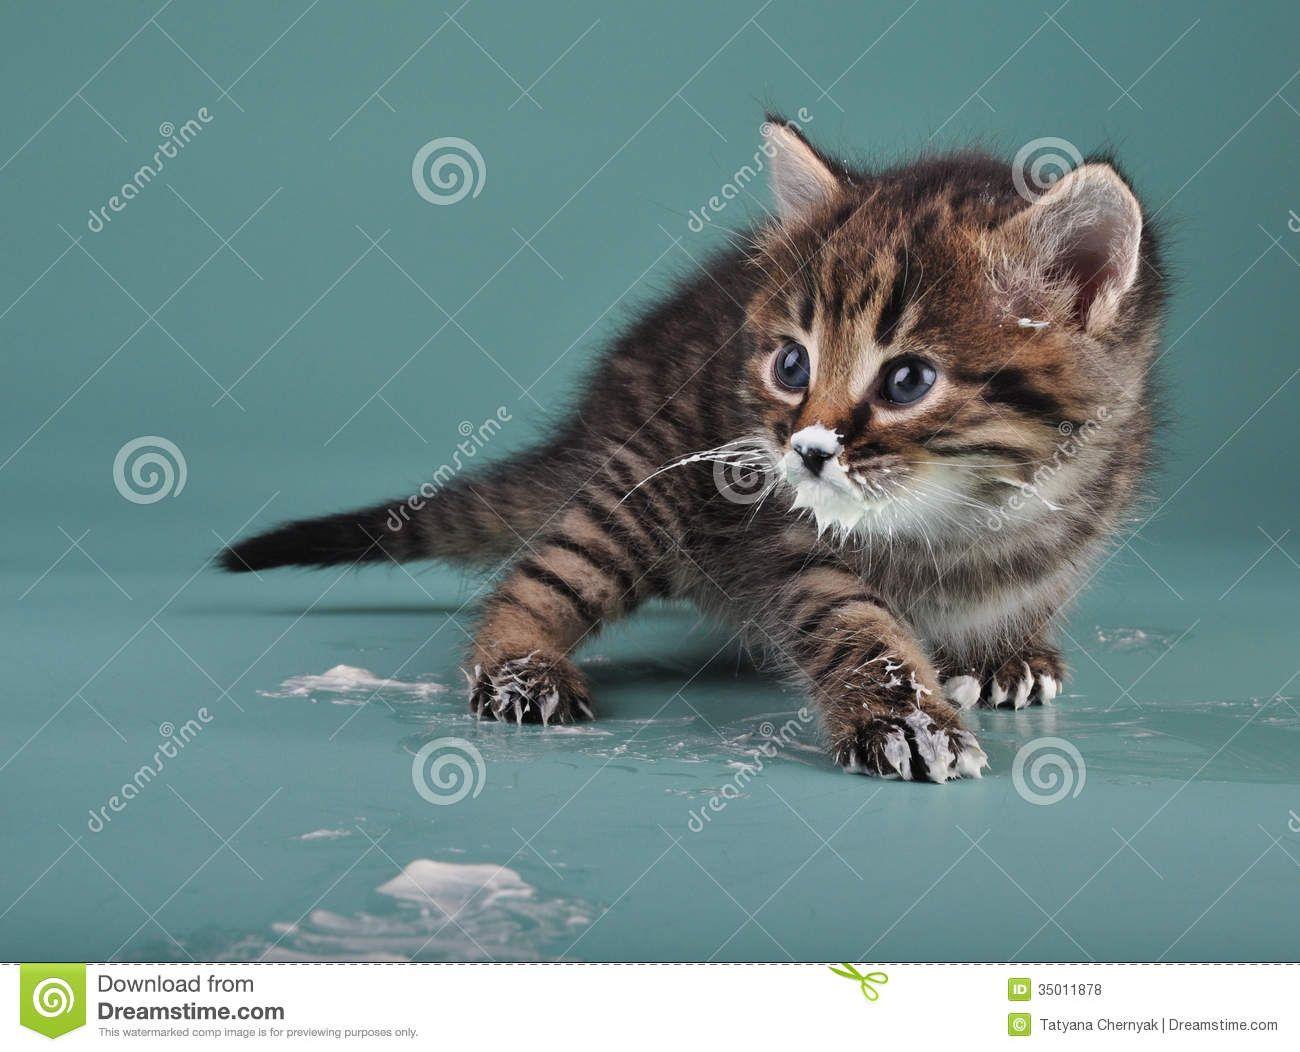 Small Kitten Sour Milk Over Face Paws Studio Shot 35011878 Jpg 1300 1052 Small Kittens Kitten Paw